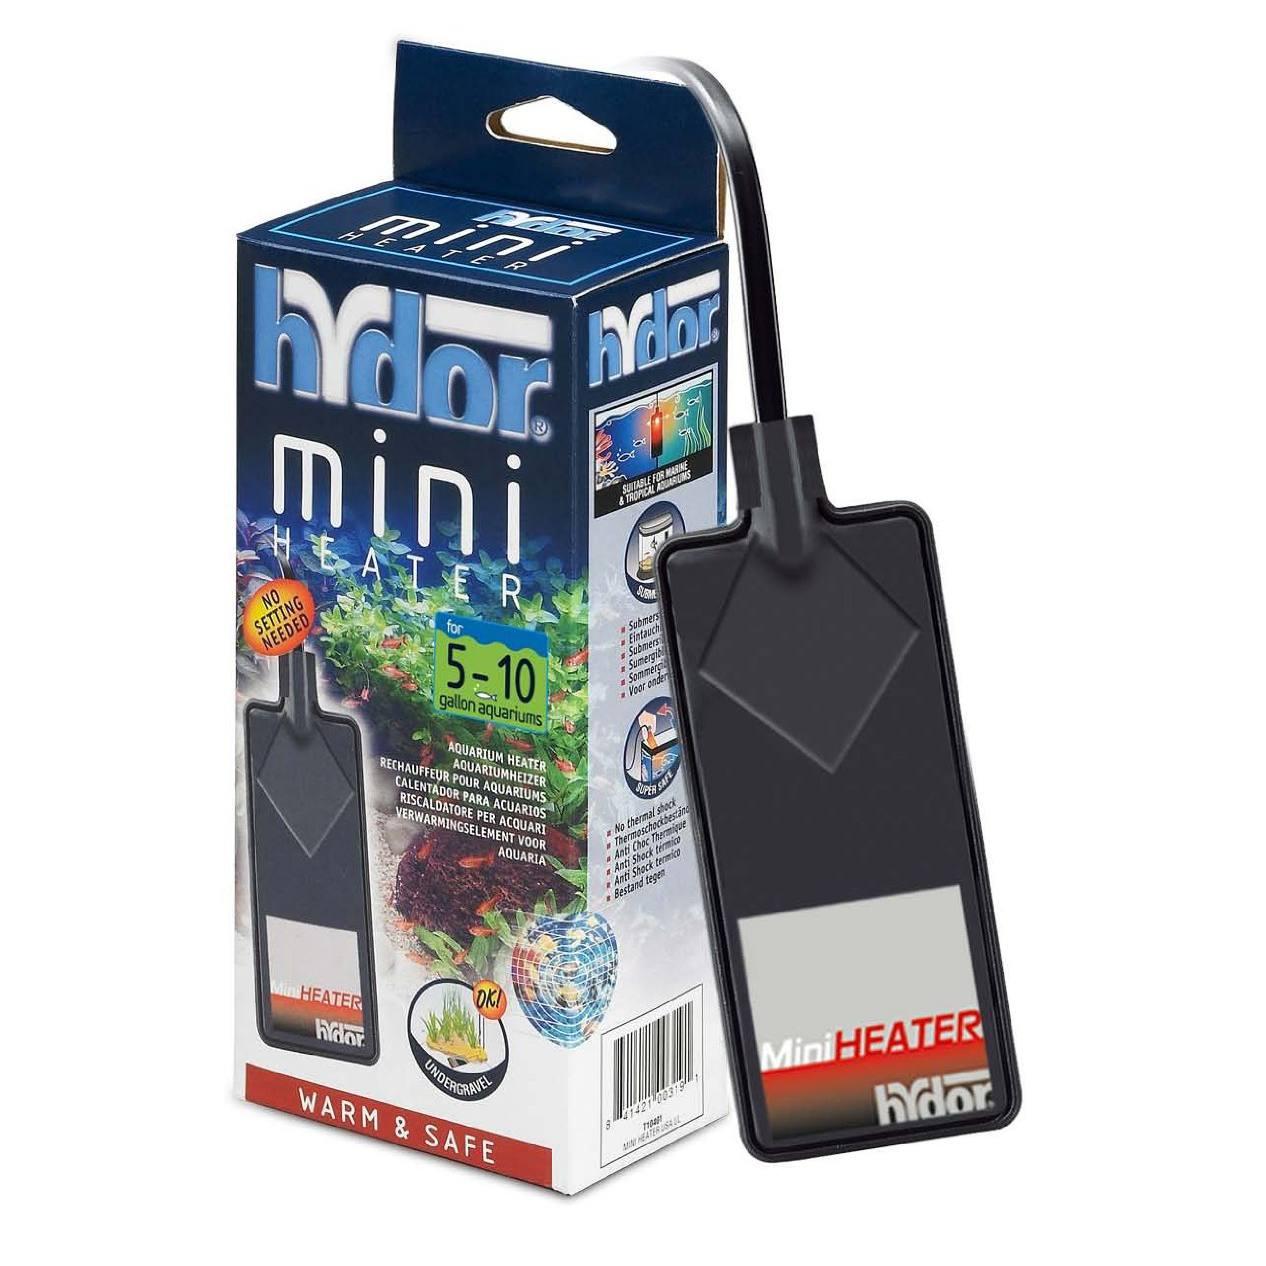 Hydor 15W Mini Heater